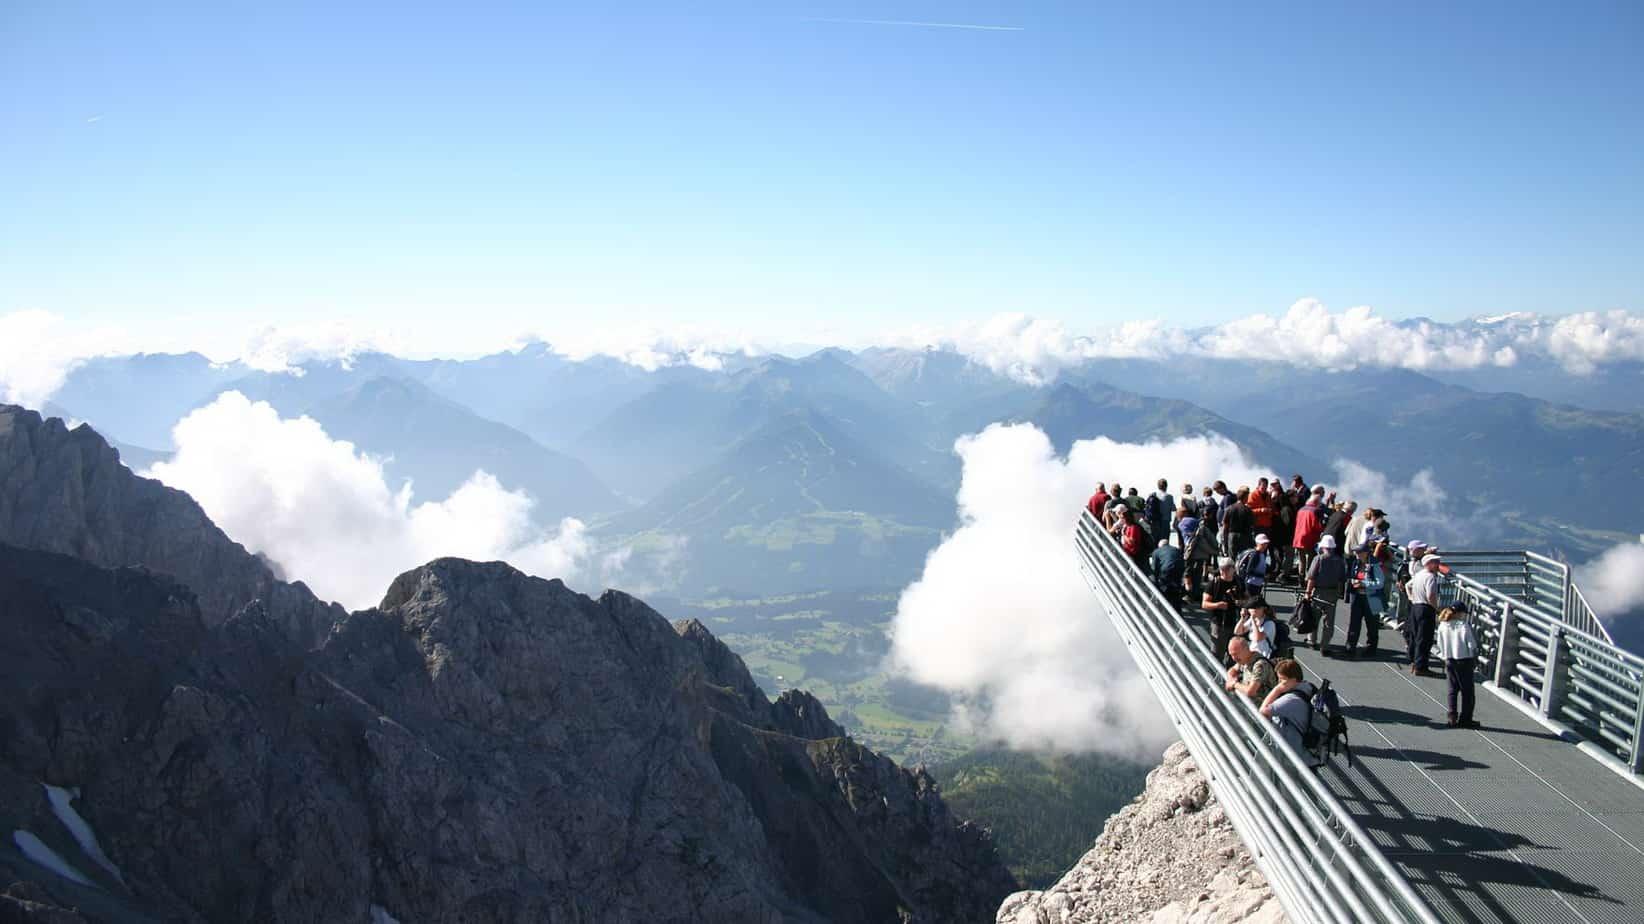 Utsiktsplattform Dachstein semester i Österrike